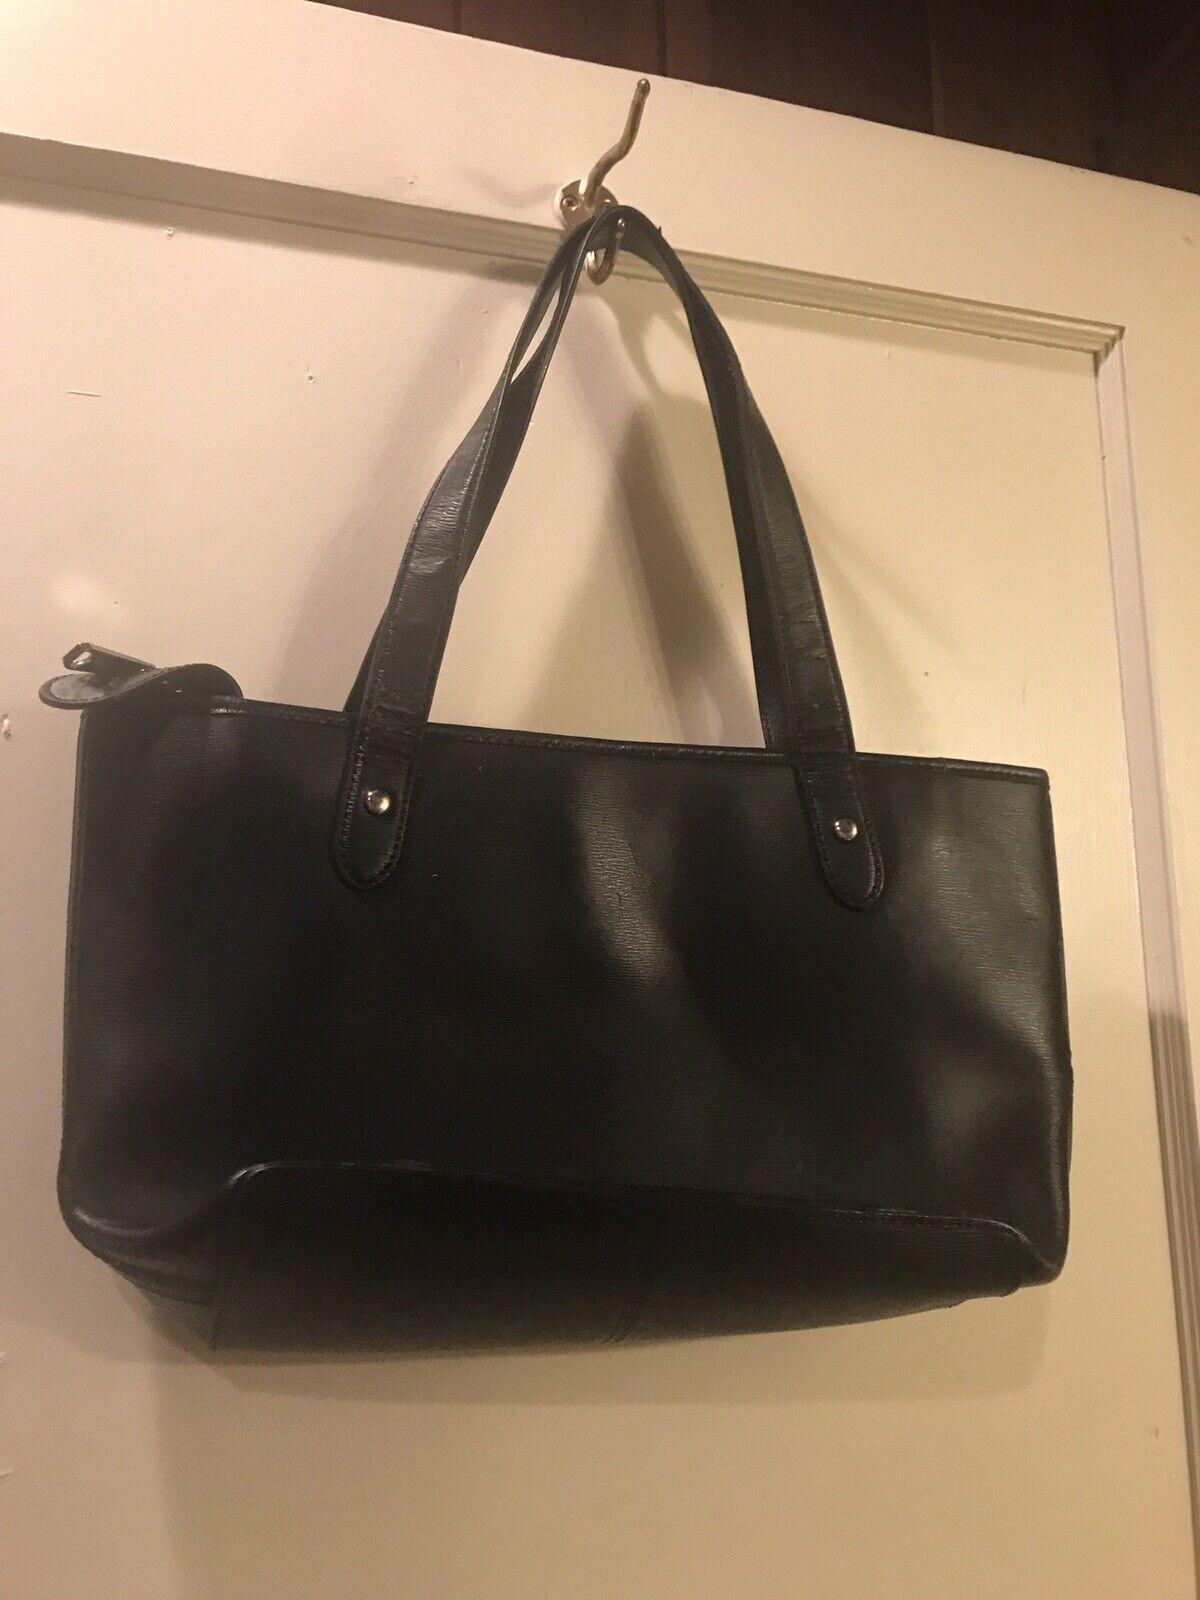 Ralph Lauren blk classic handbag - image 11